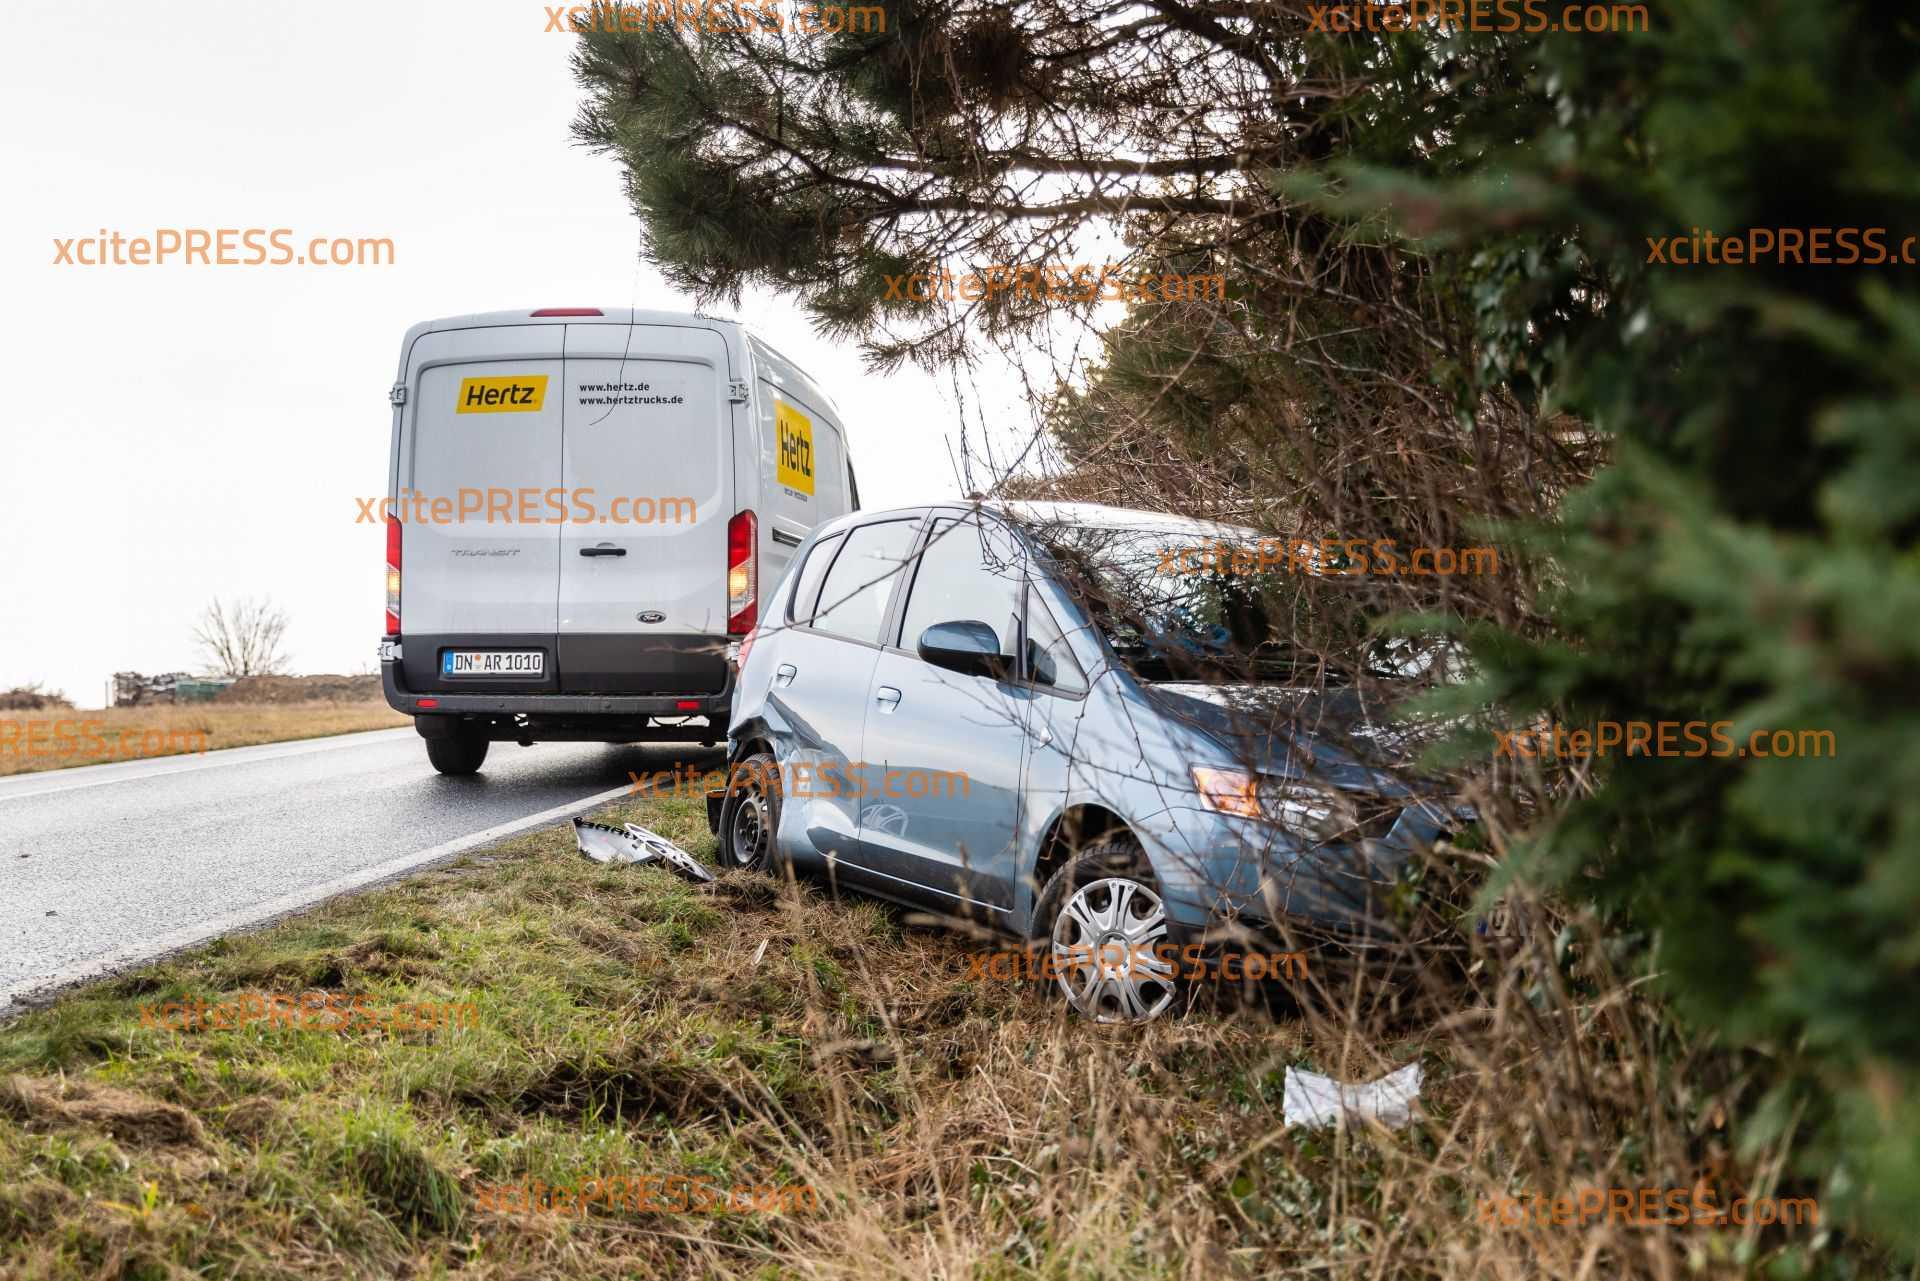 Vorfahrtsfehler führt zu Unfall zwischen Transporter und PKW: Auto landet in Hecke - zwei Personen verletzt